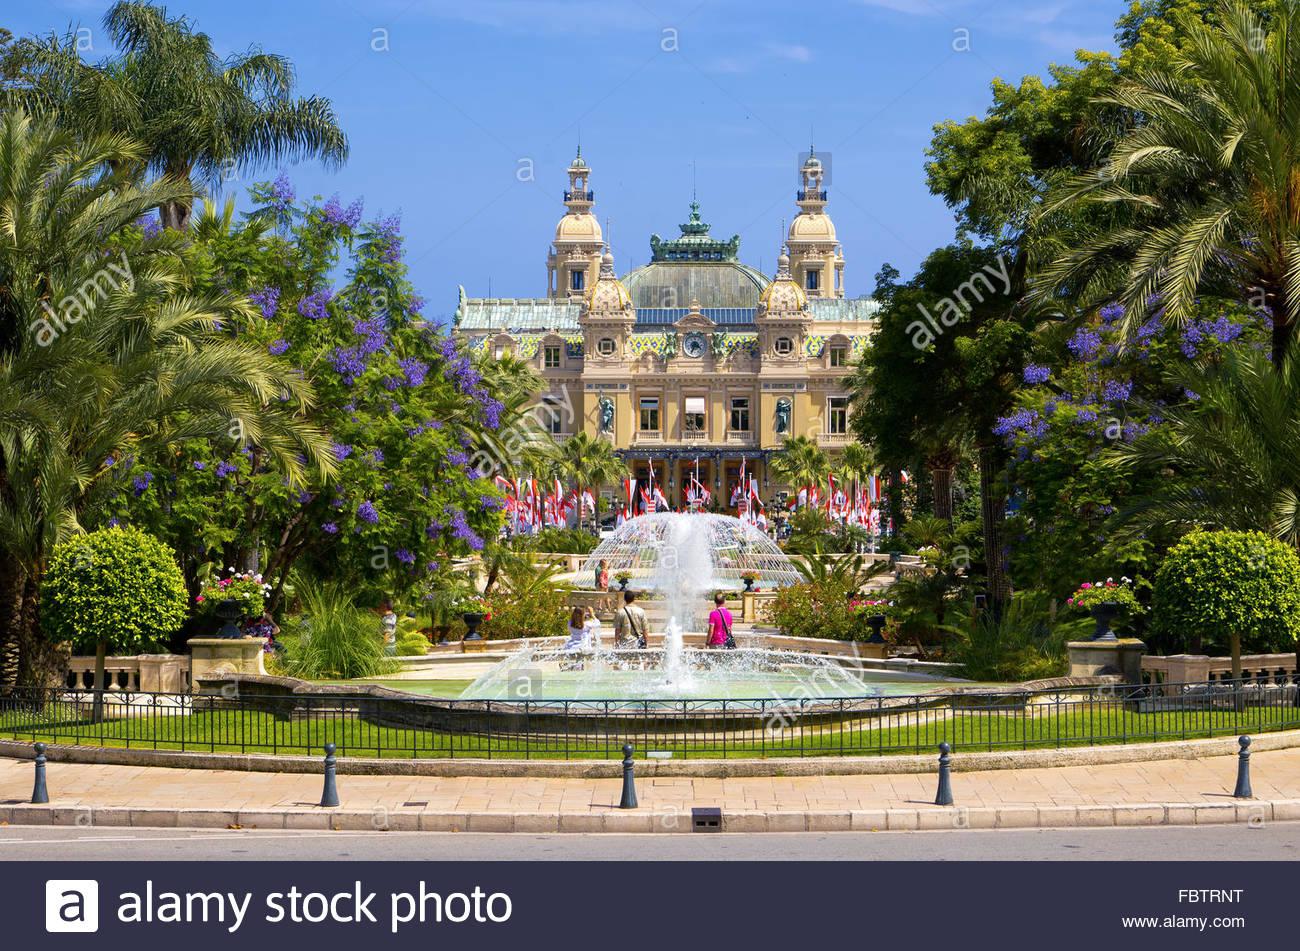 Casino, Monte Carlo, Monaco - Stock Image